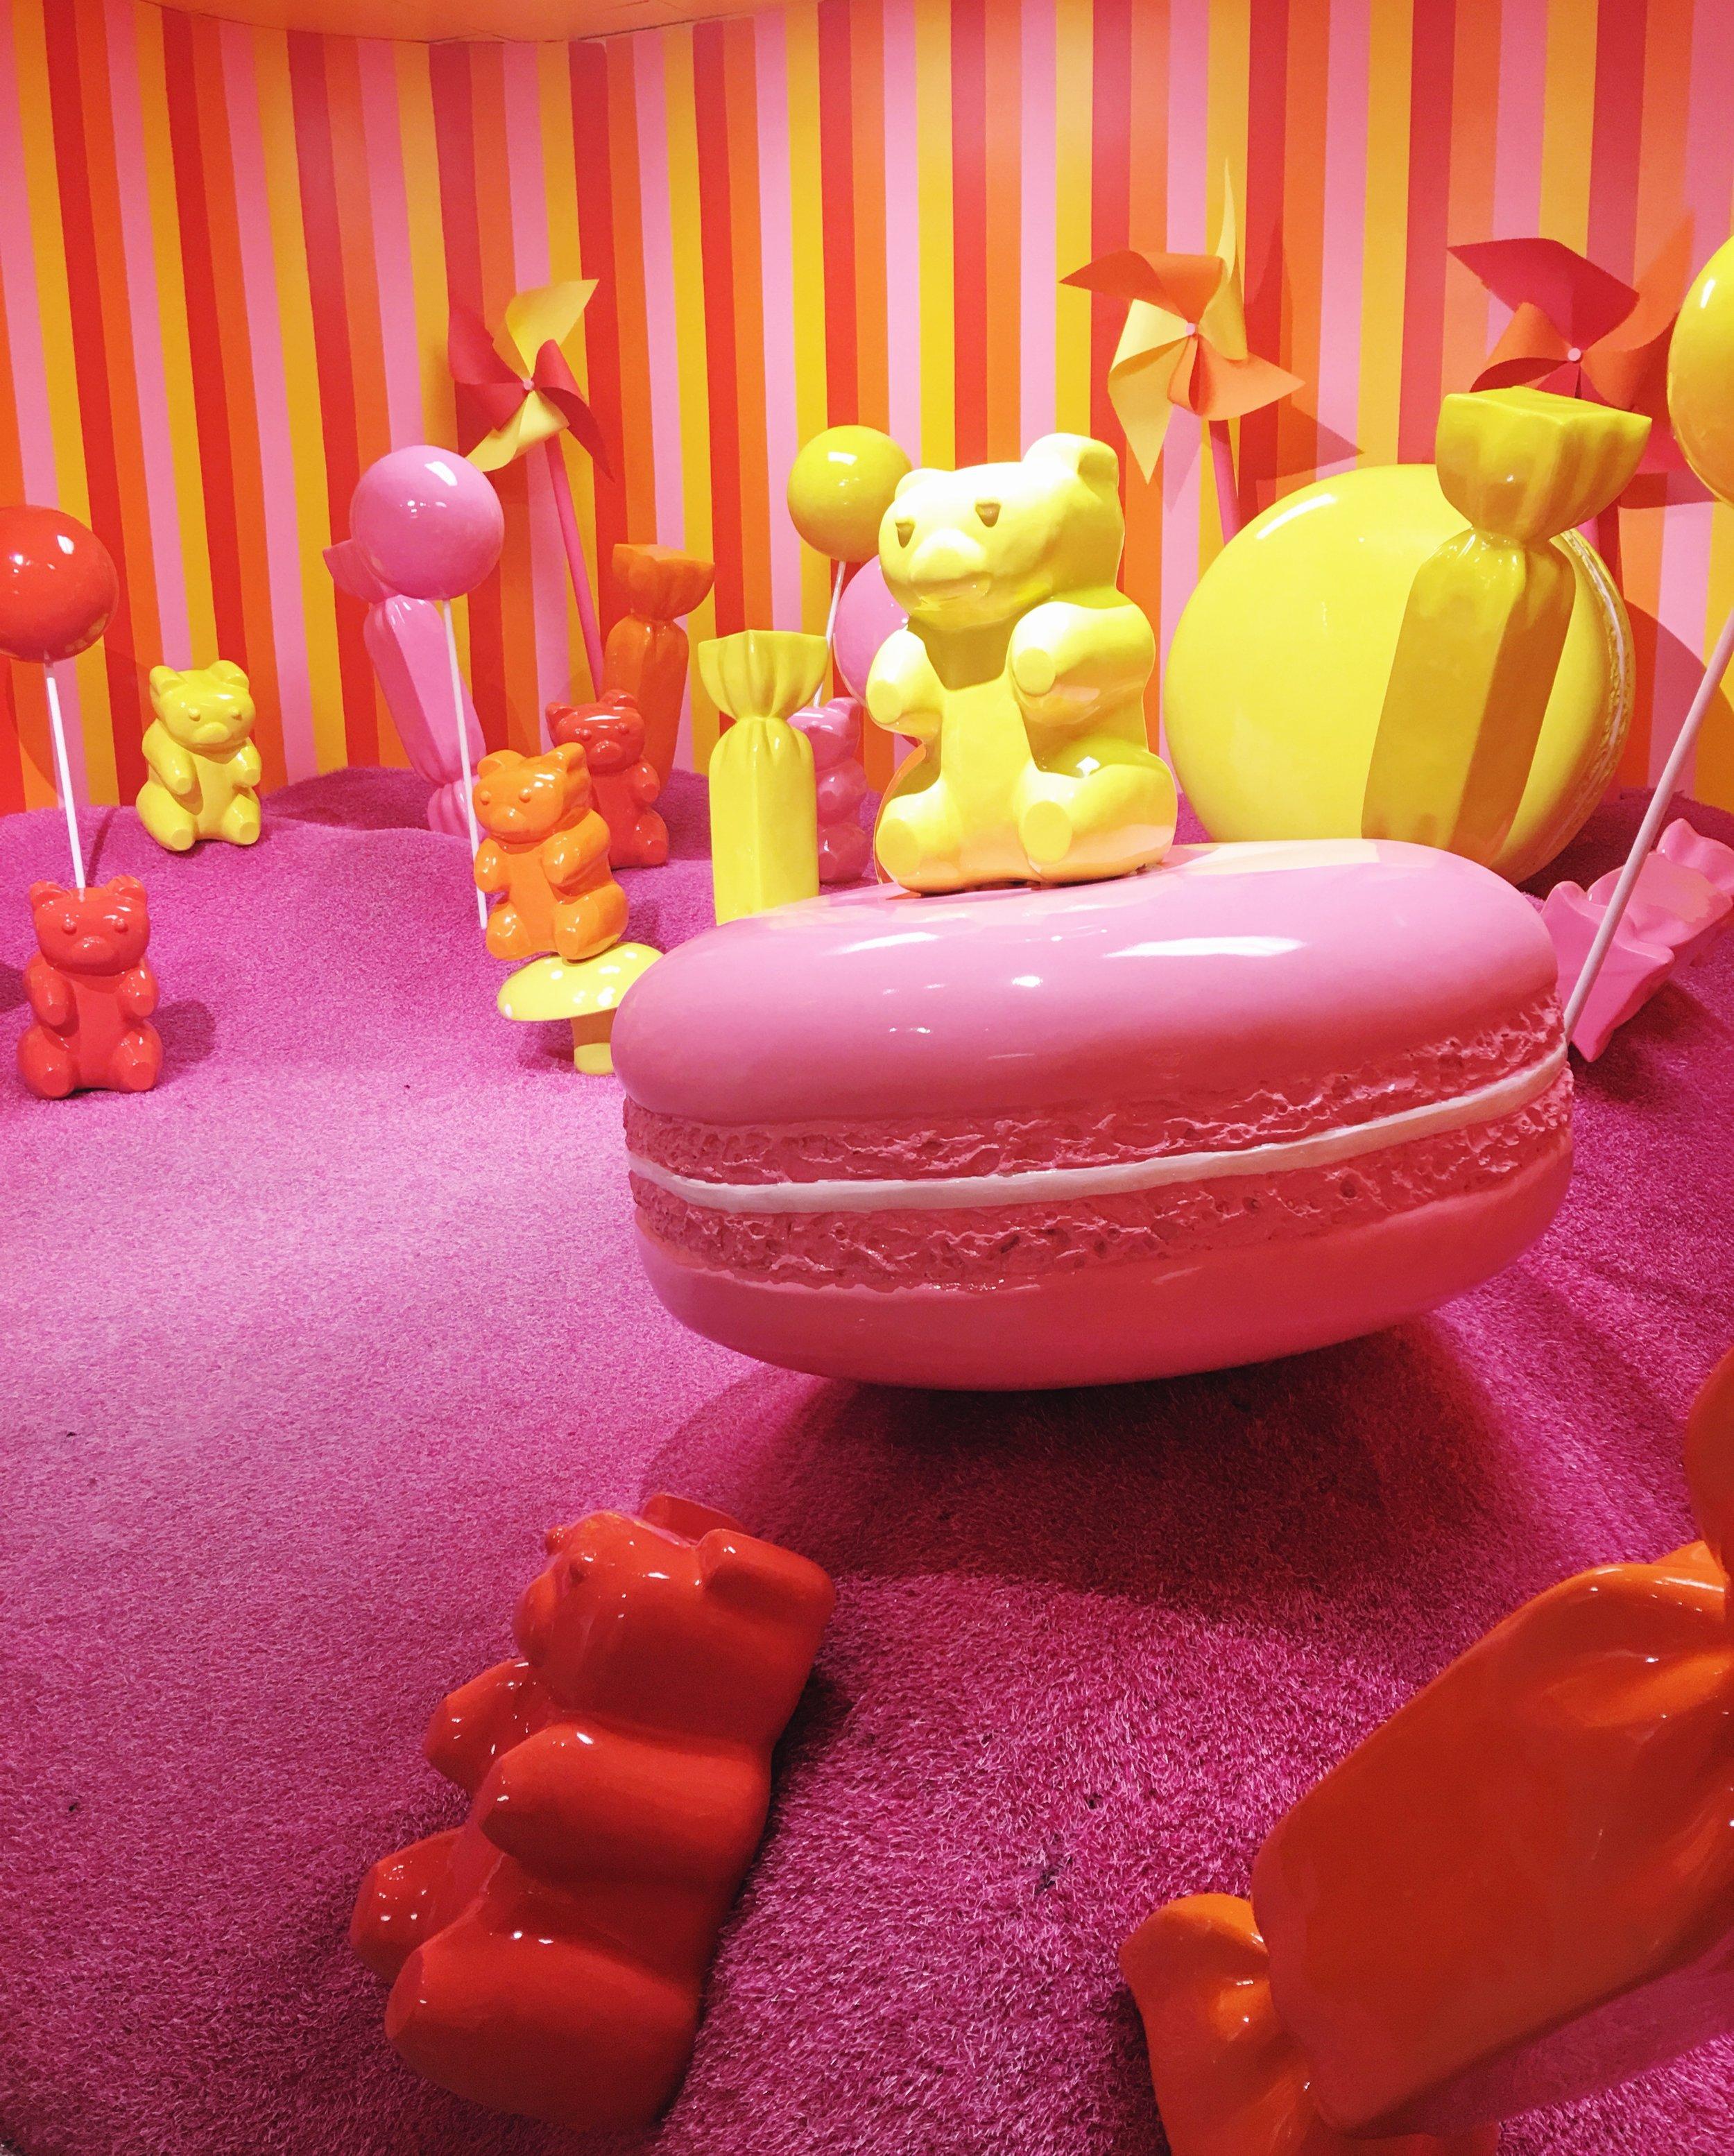 Giant Gummy Bears, Museum of Ice Cream